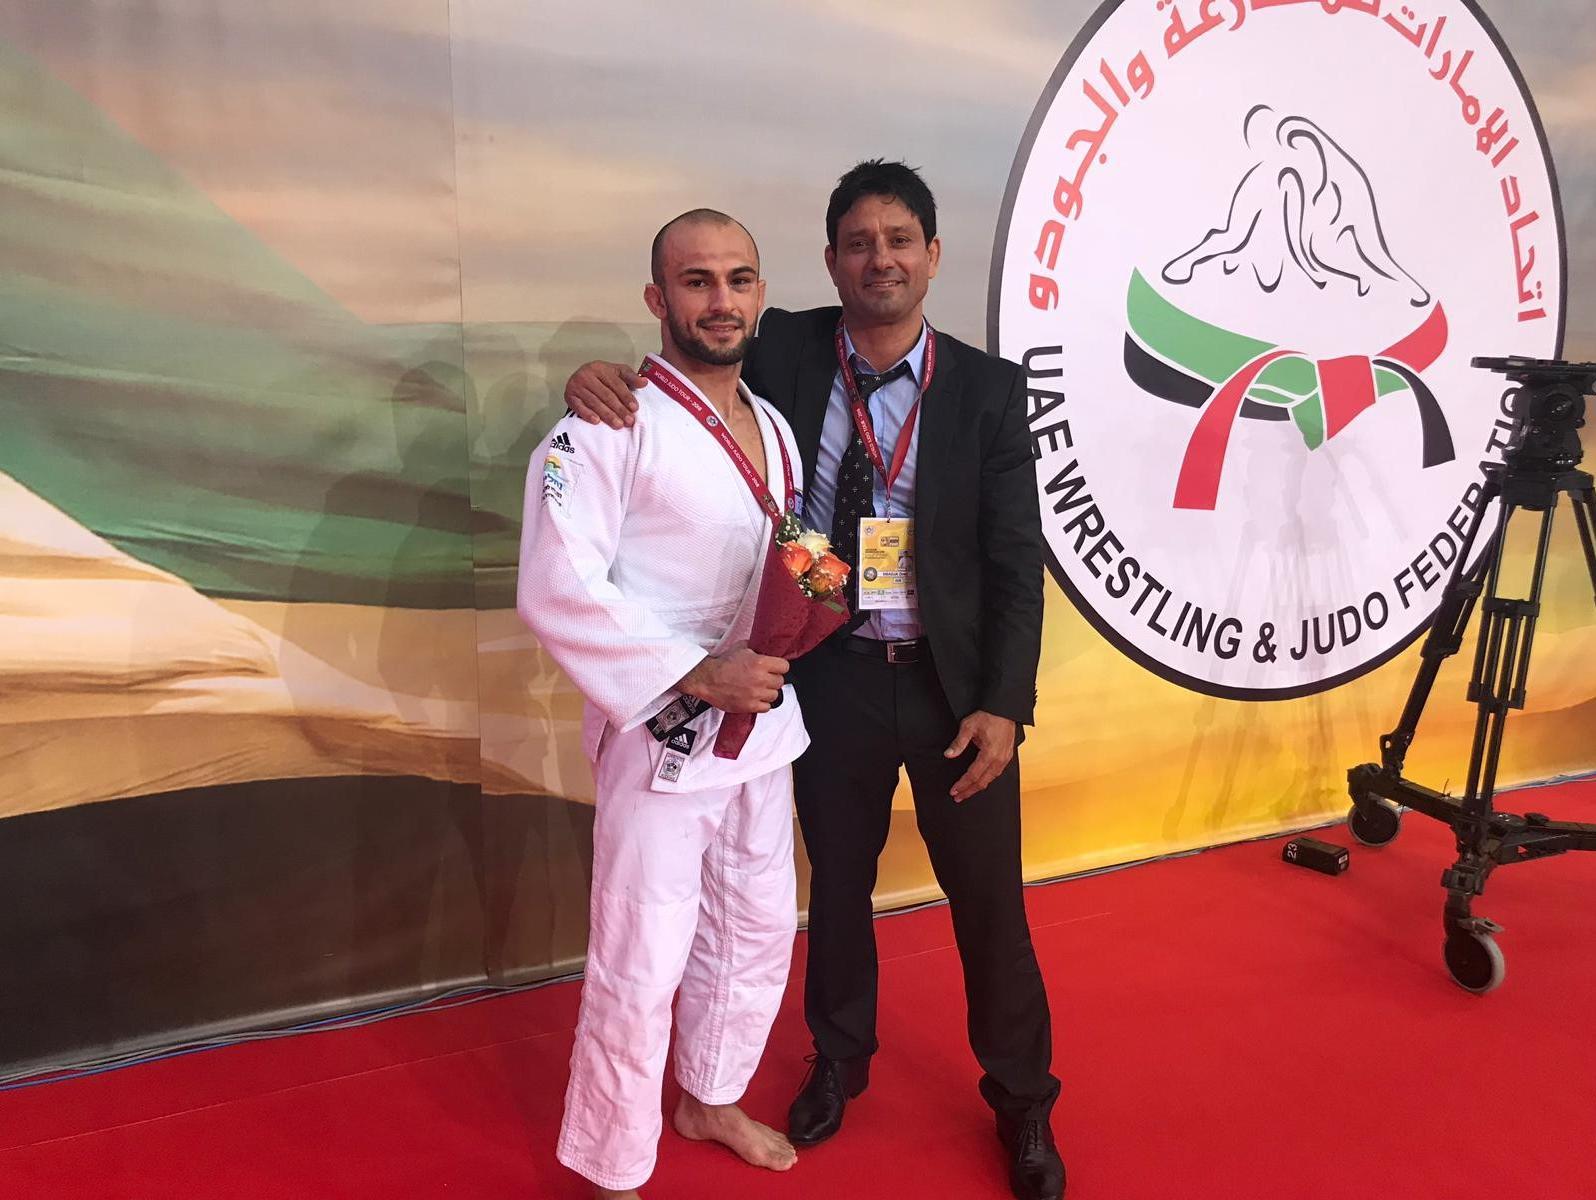 ג'ודו: ברוך שמאילוב זכה במדליית כסף בגרנד פרי האג